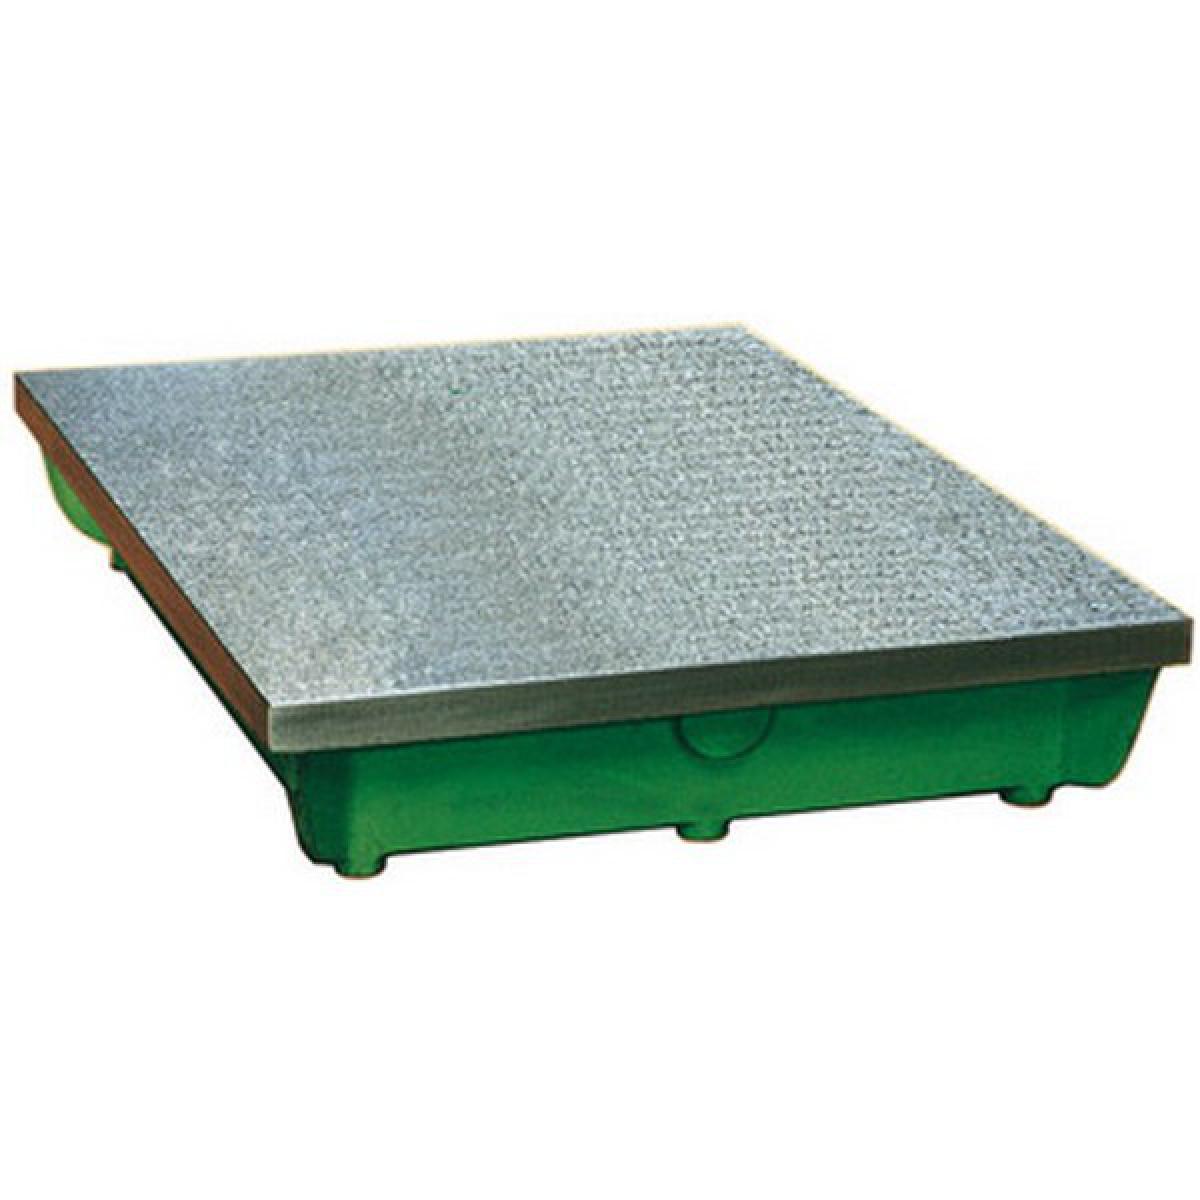 Protec Plaque à tracer et à dresser, qualité 1, Taille : 1000 x 800 mm, Précision µm qualité 1 20, Poids env. 210 kg